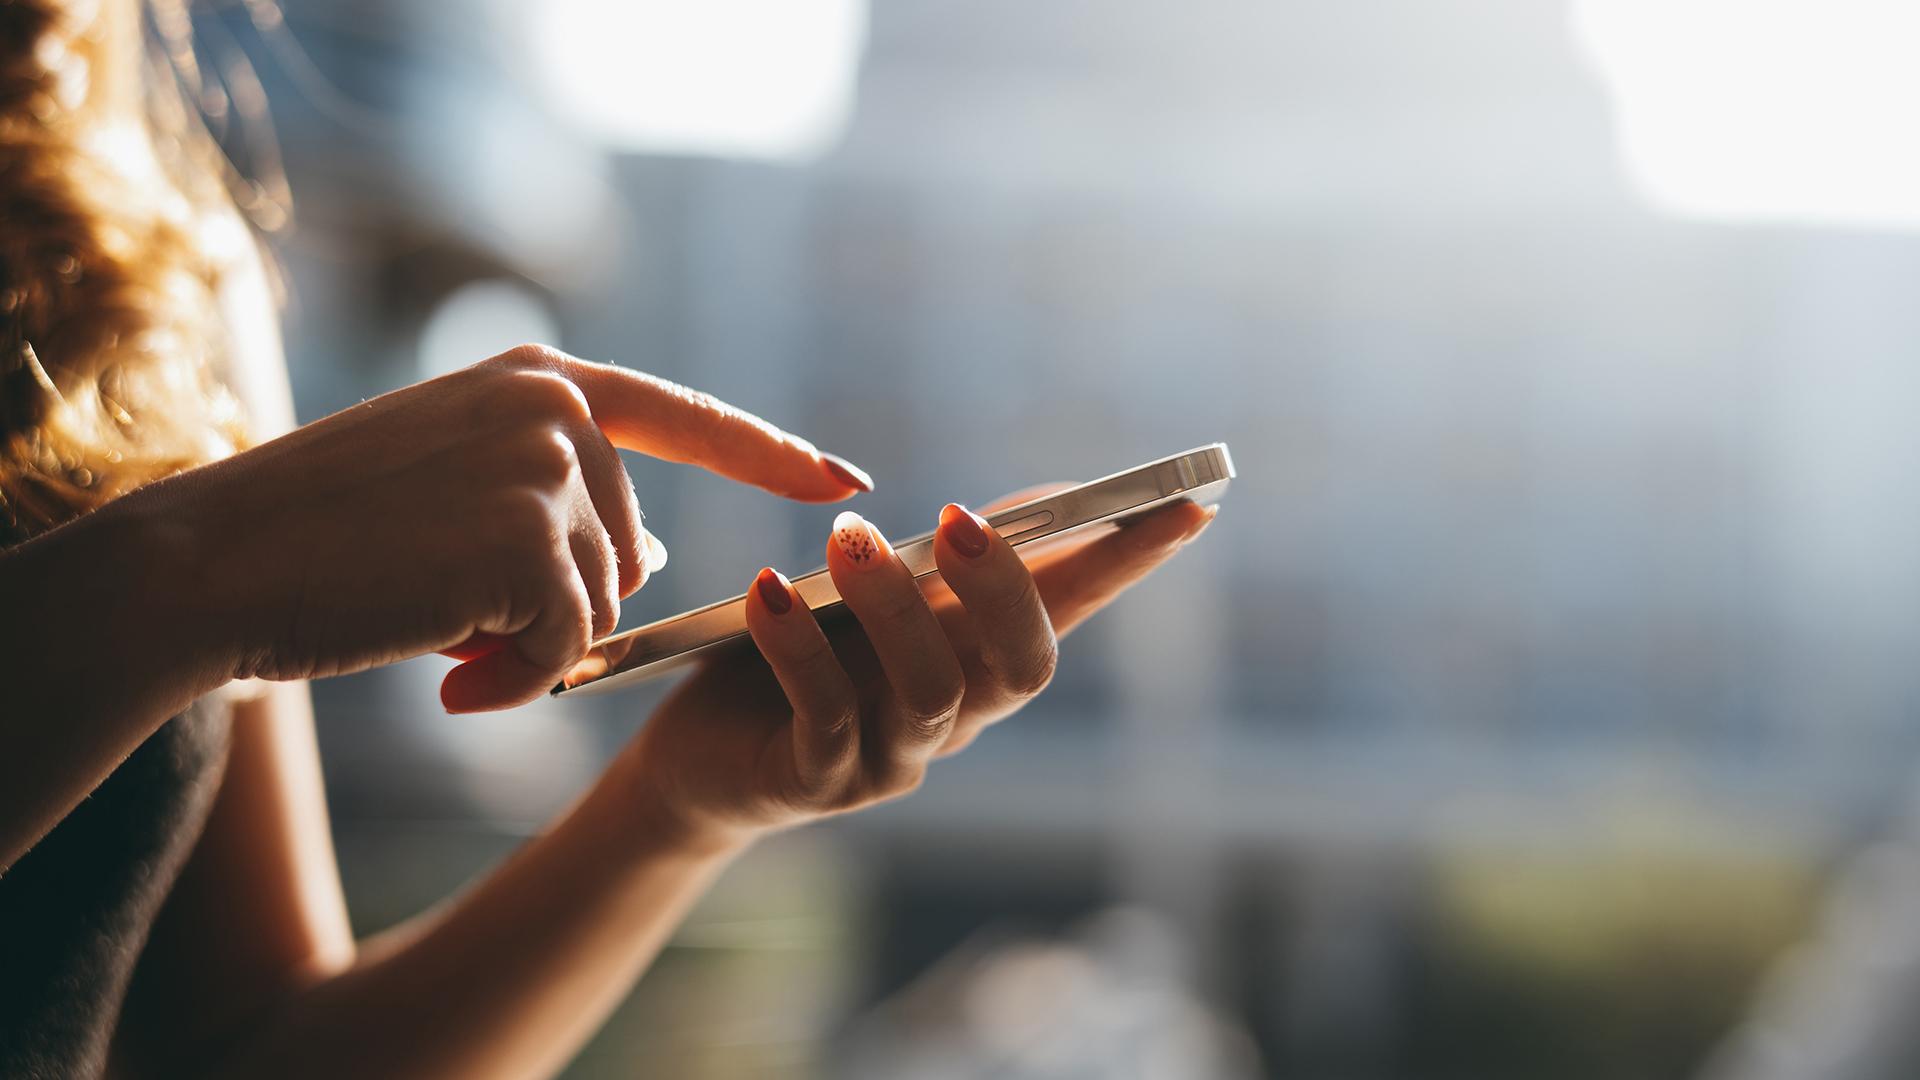 Zu sehen ist der Oberkörper einer Frau, die etwas auf ihrem Smartphone auswählt.